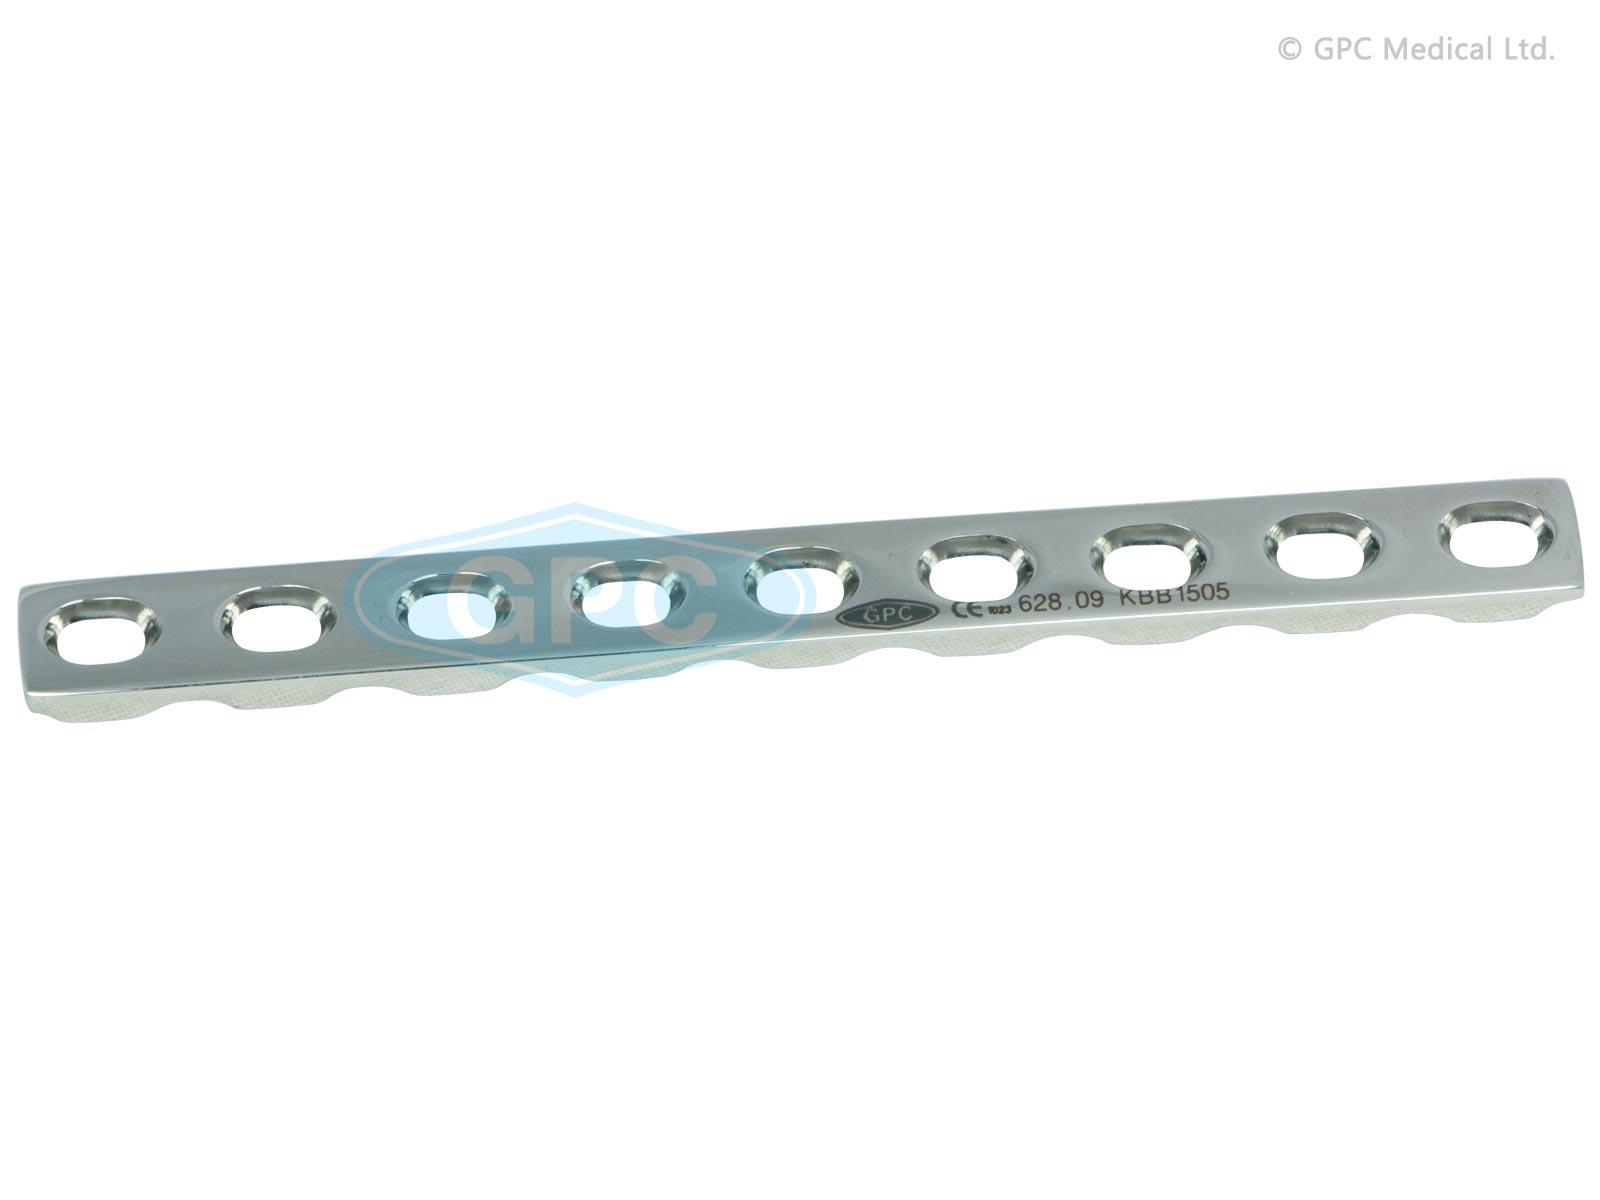 Petite plaque de compression dynamique à contact limité (LC-DCP)